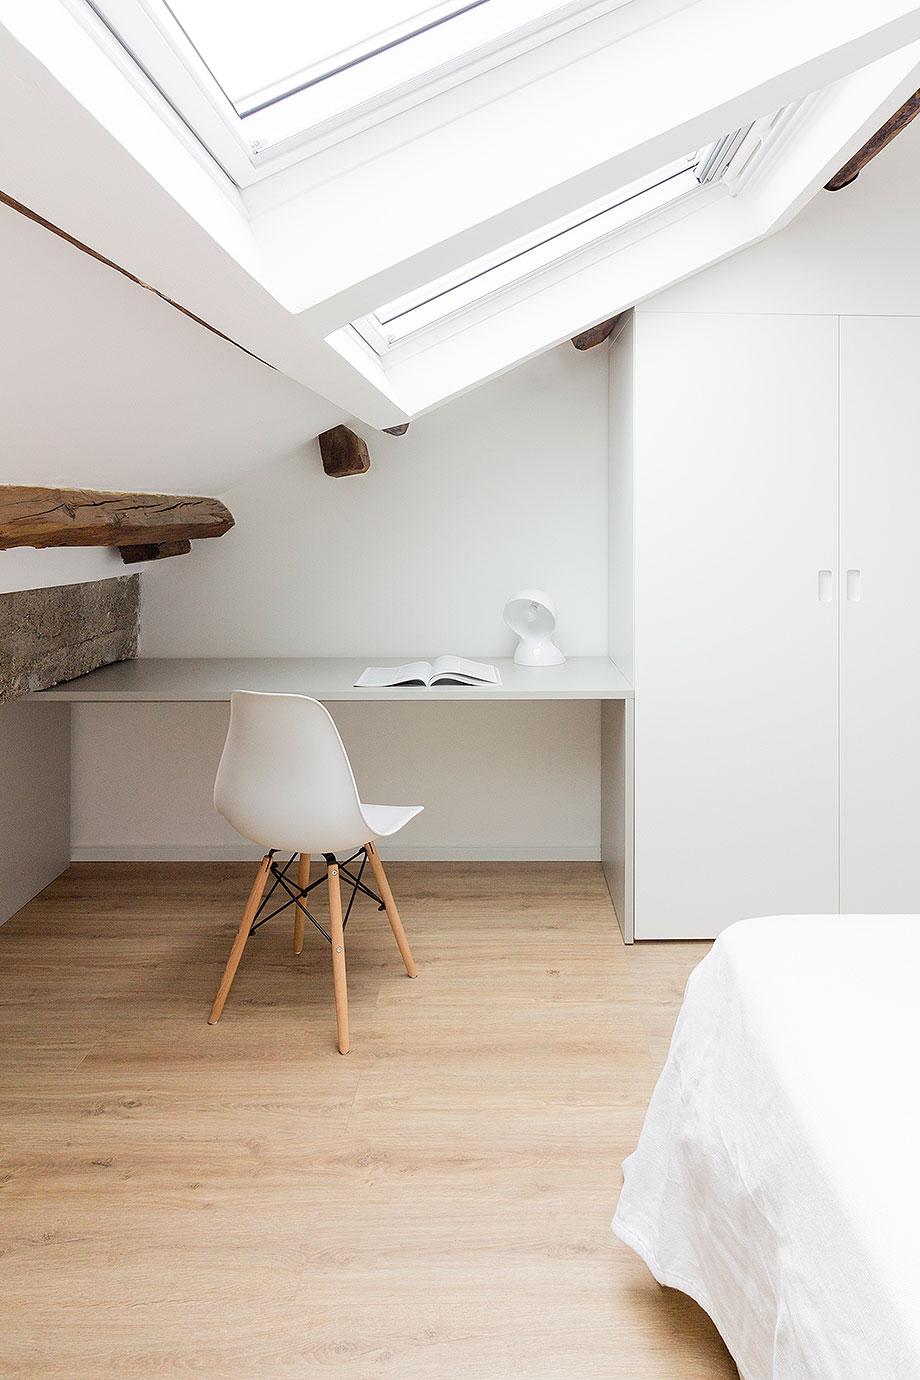 reforma de un ático en palermo por la leta architettura (9) - foto marco zanca